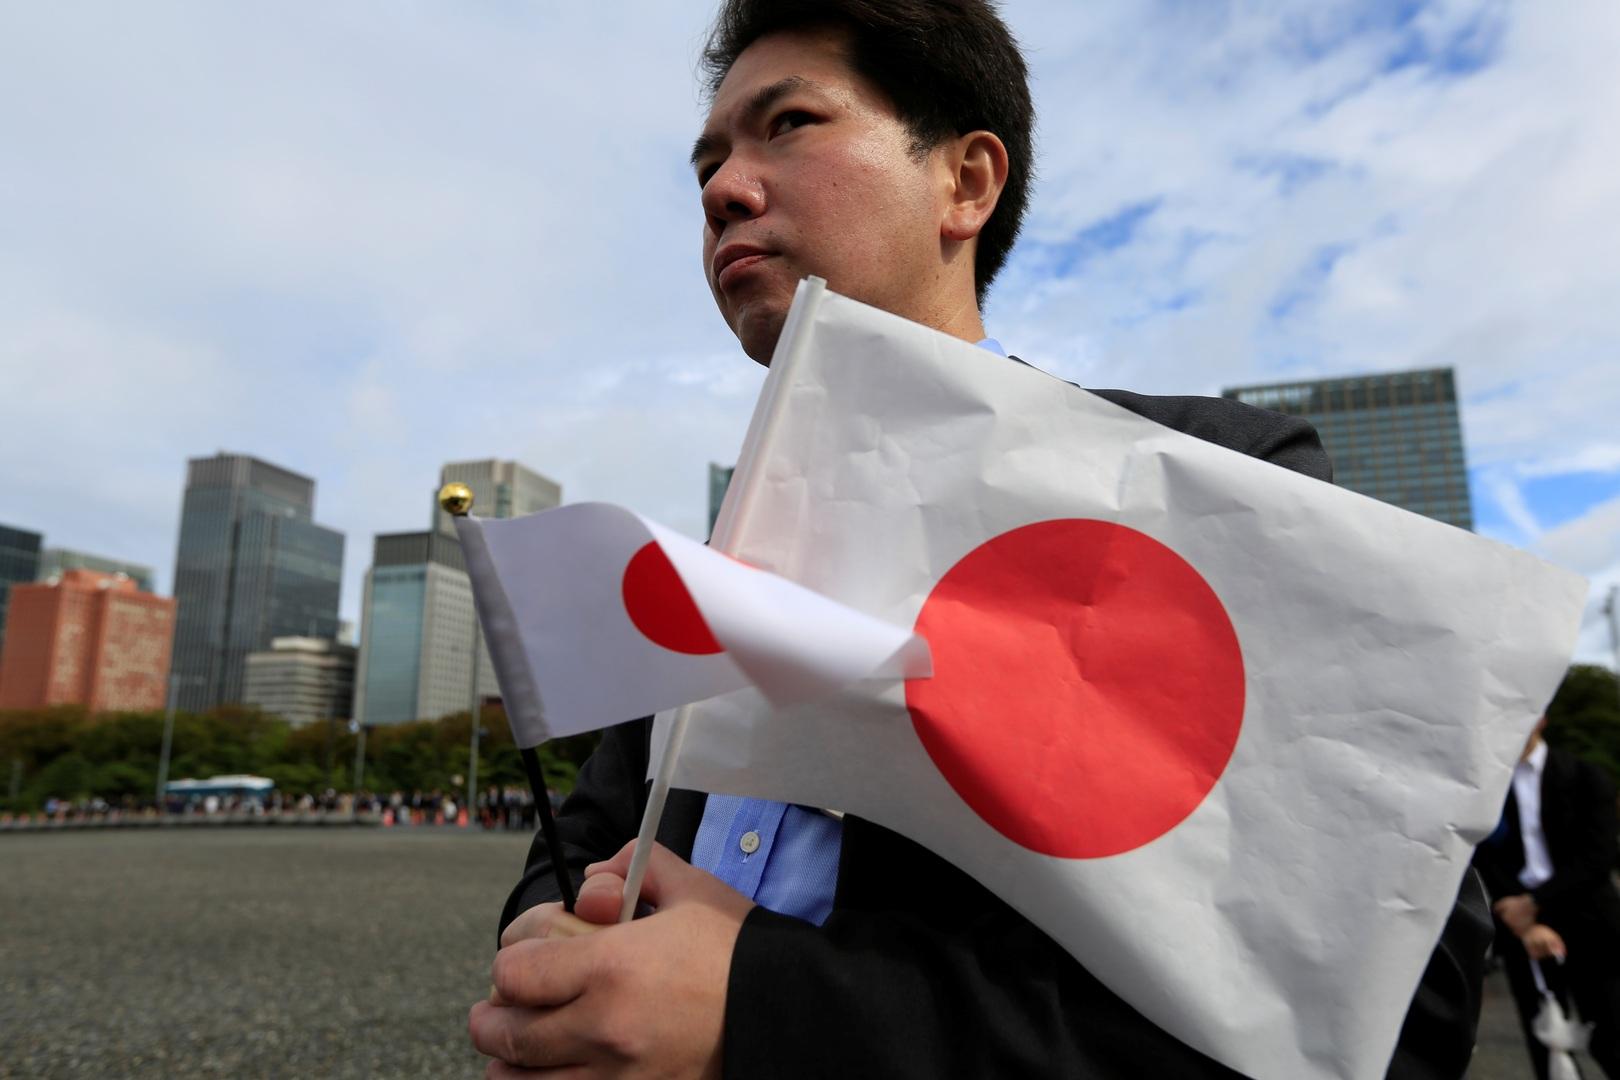 النواب الياباني يصدق على اتفاق تجاري مع الولايات المتحدة